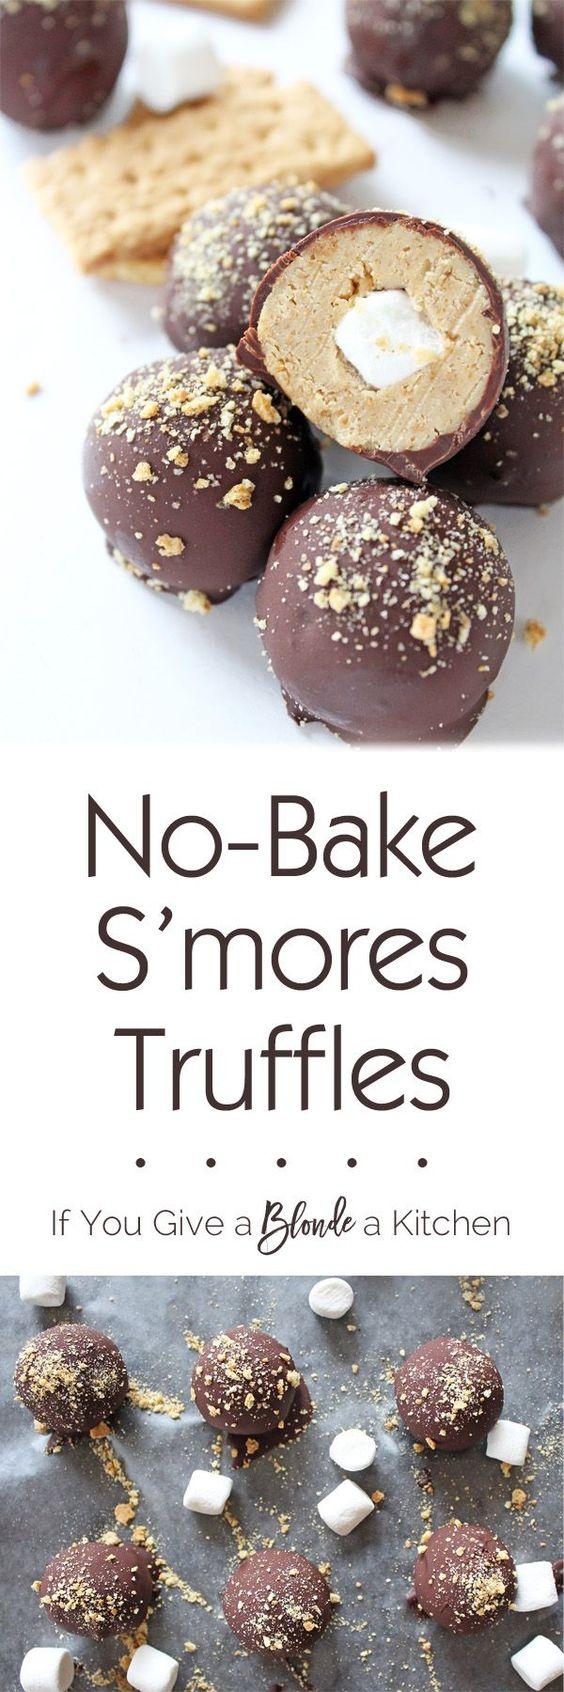 truffles nobake smores truffles truffles recipes smores treats mores ...